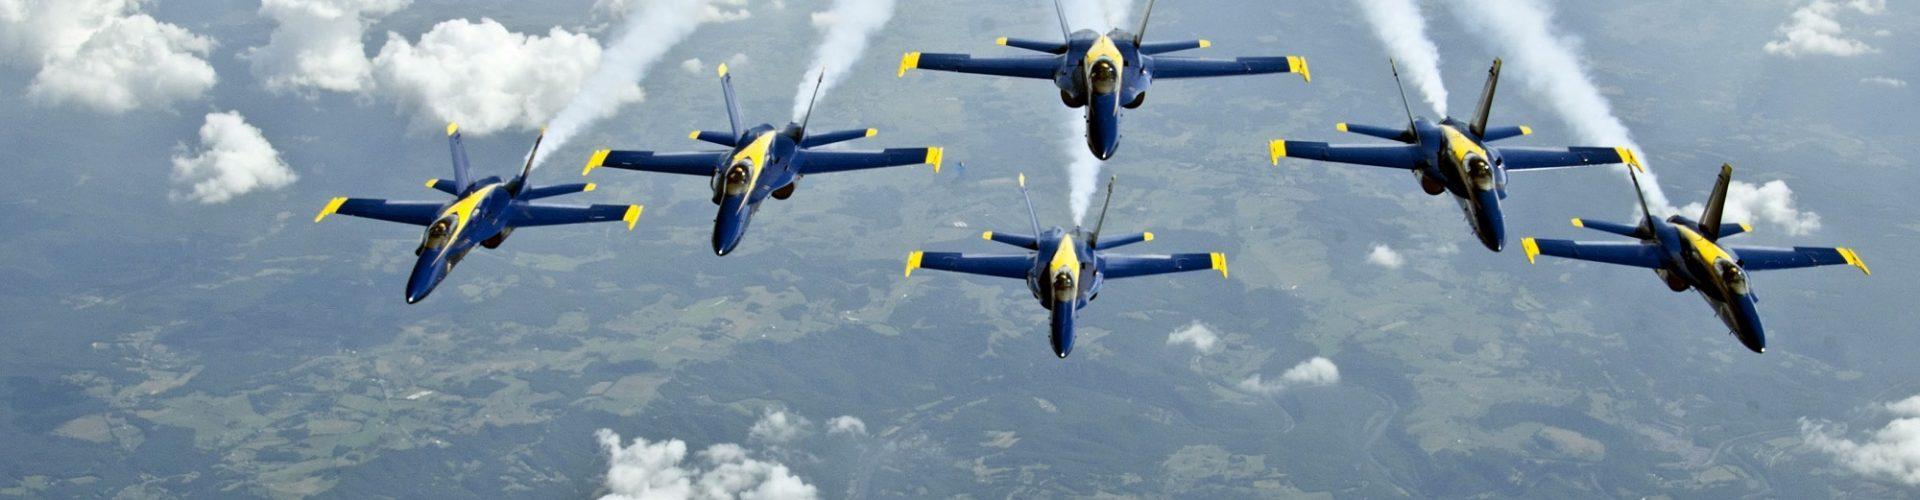 aircraft-870896